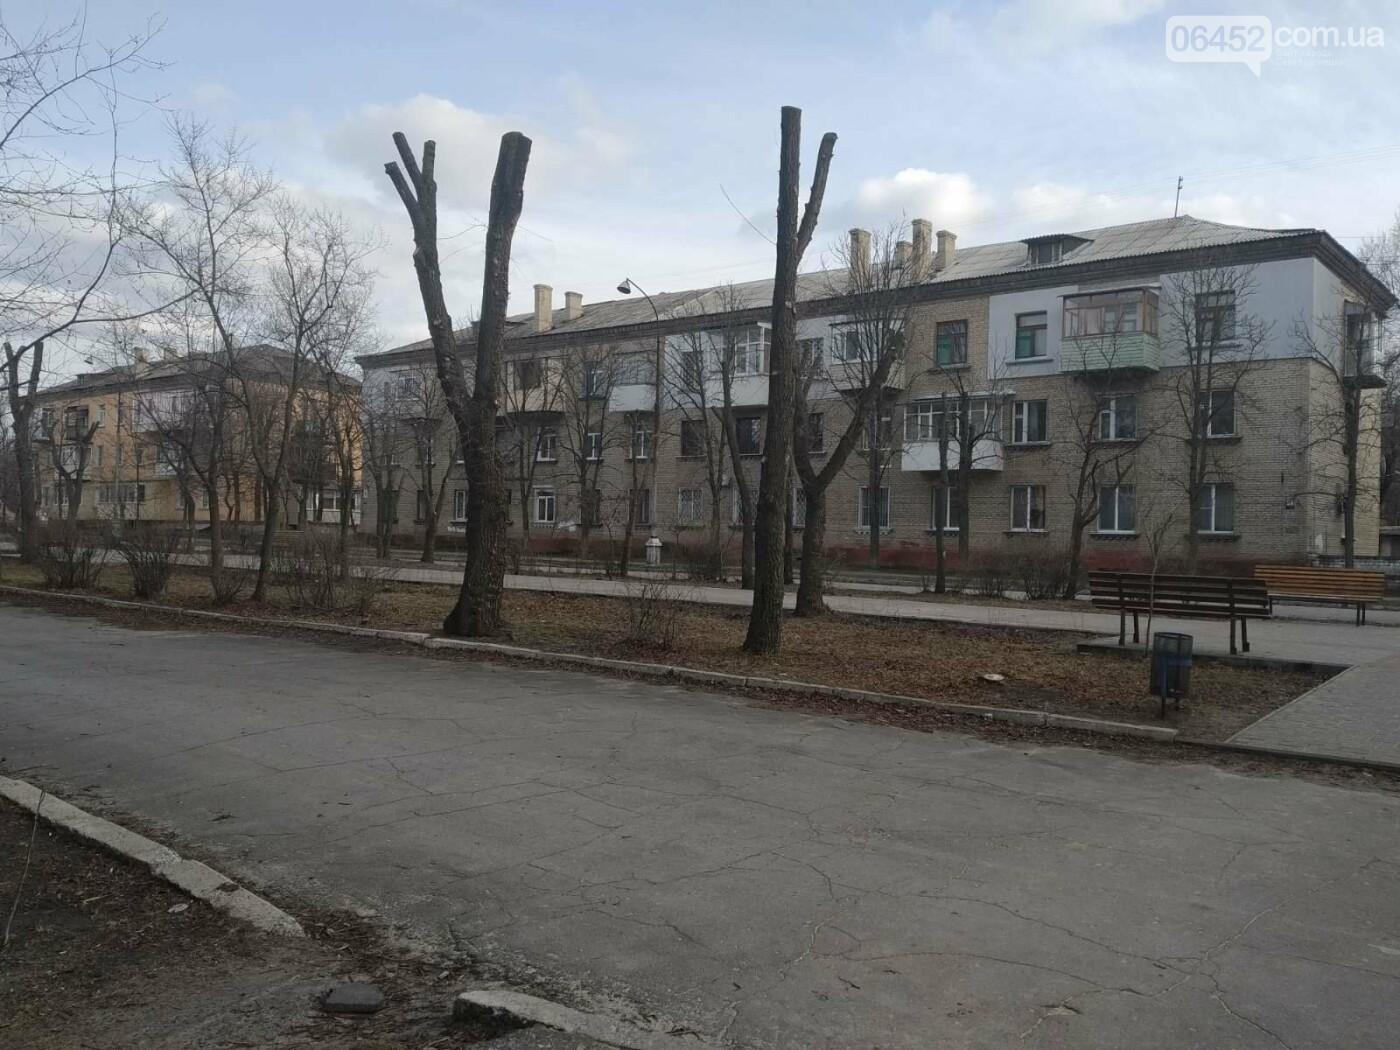 Сезон обрезанных крон в Северодонецке объявляется открытым: законно ли?, фото-2